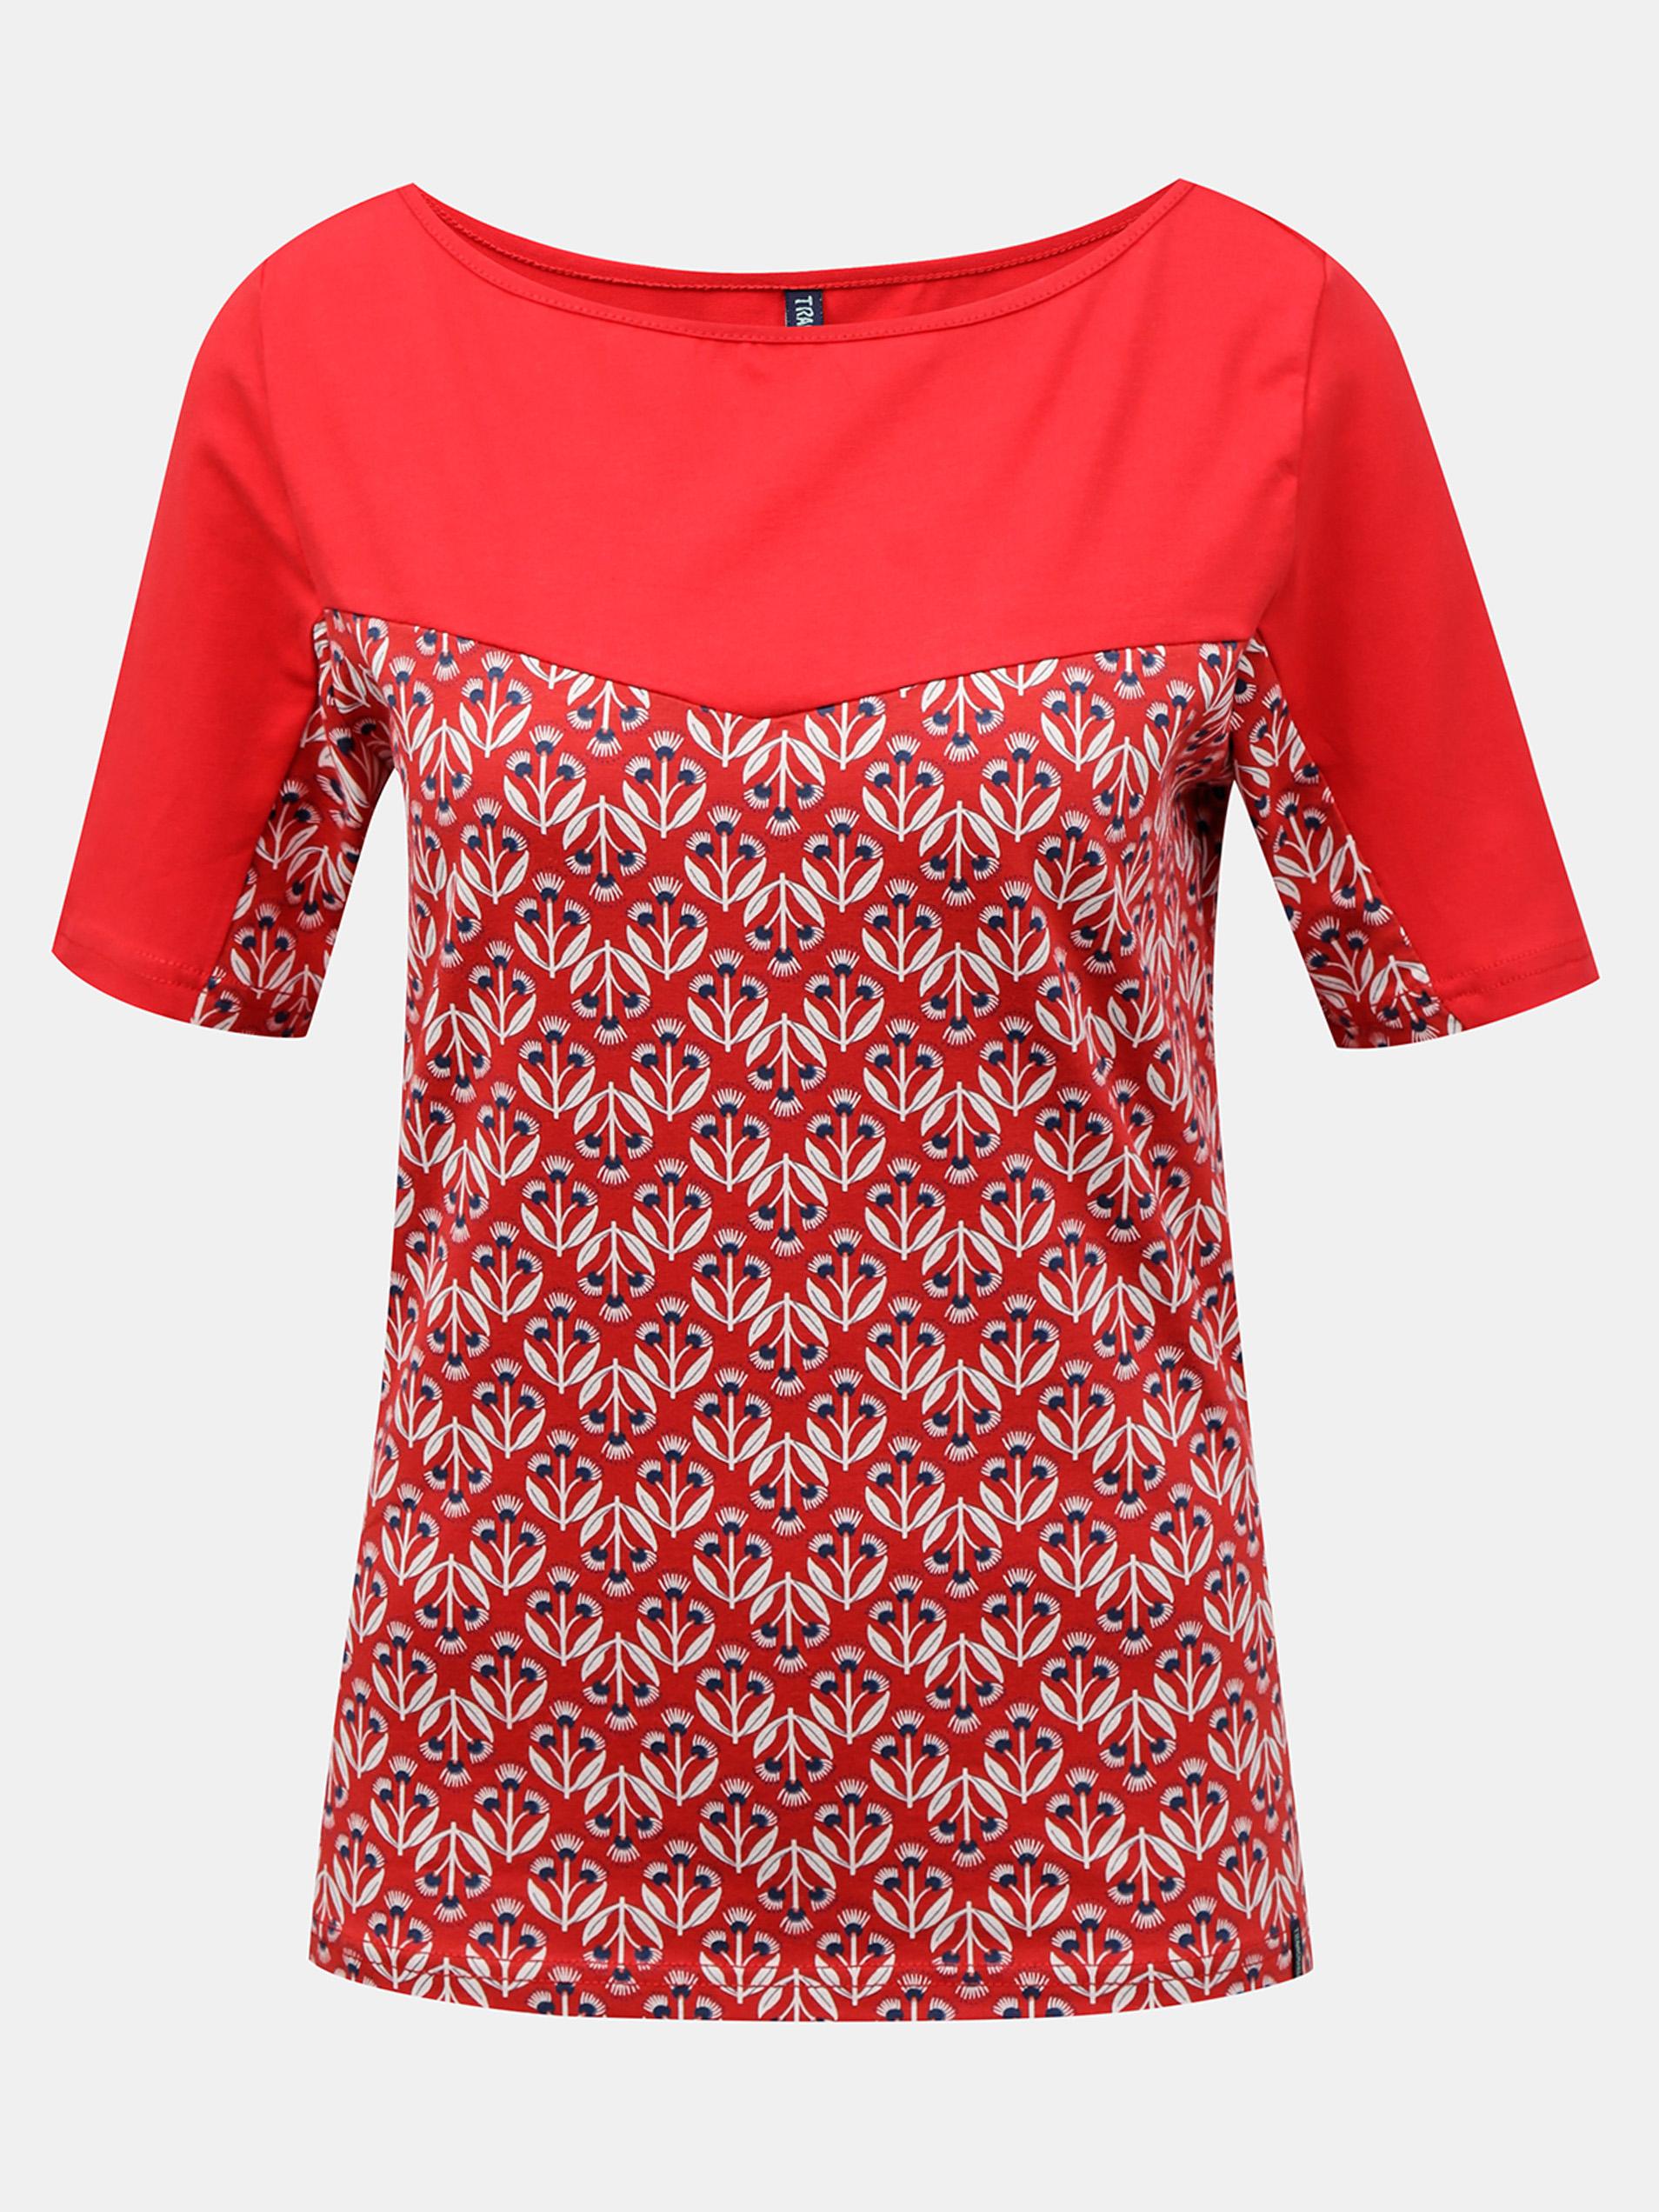 Tranquillo czerwony koszulka z wzorem